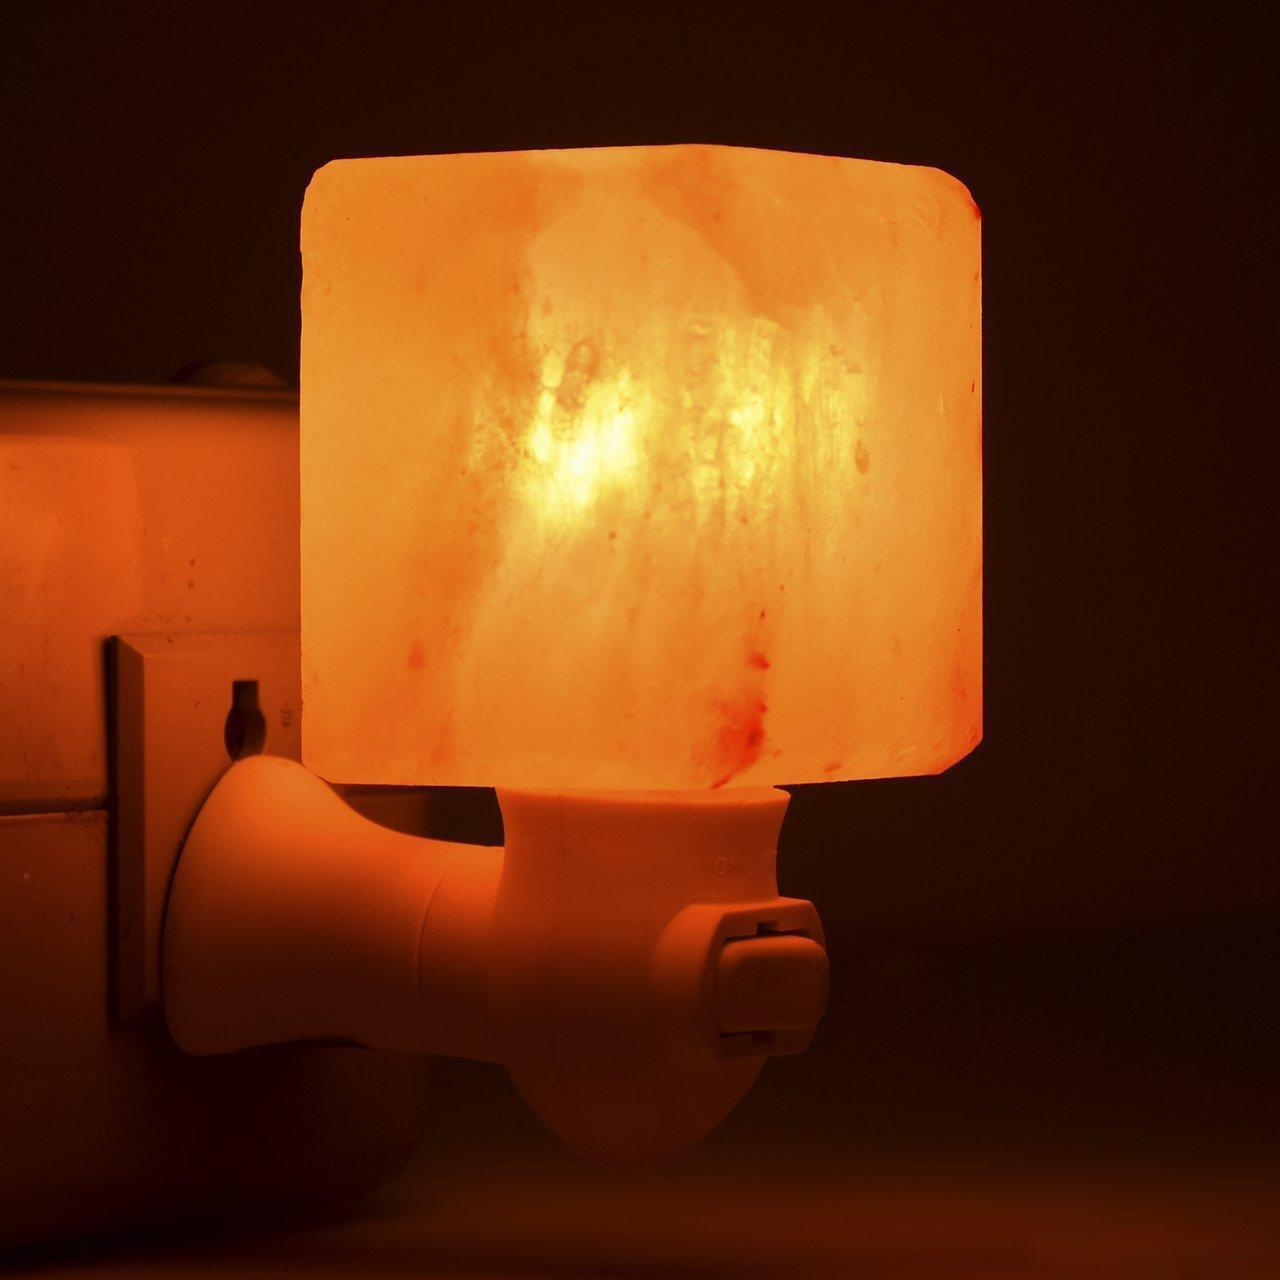 Himalaya-Salz-Lampe Hand geschnitztes natürliches Kristall Mini Salz Nachtlicht drahtlose Birne Austauschbare Nursery Lampe für Home Office Schlafzimmer Geschenk